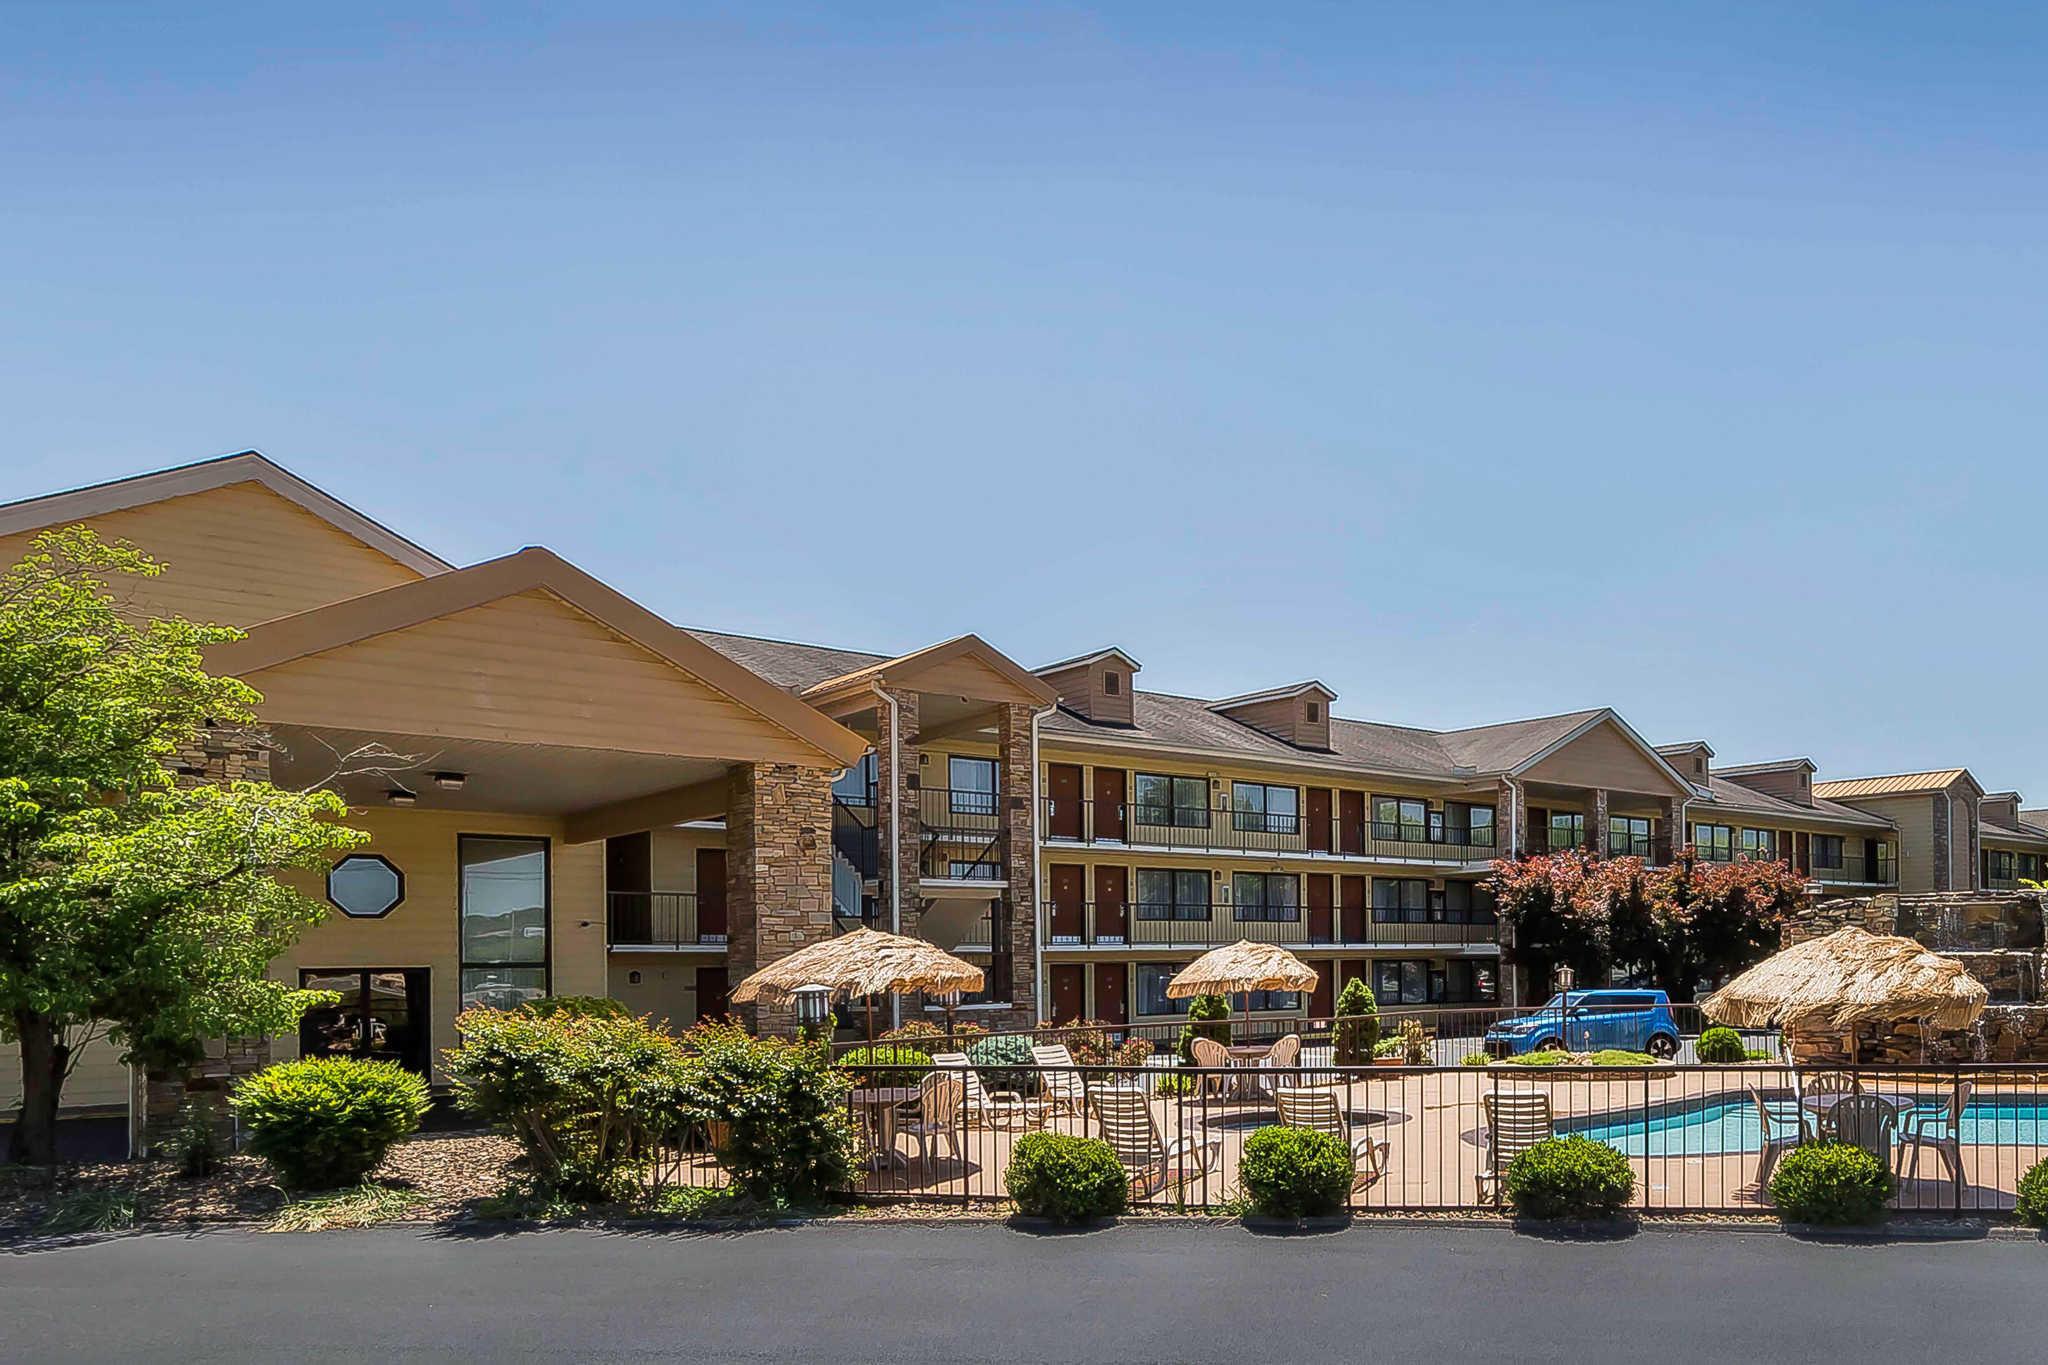 Quality Inn & Suites River Suites image 1